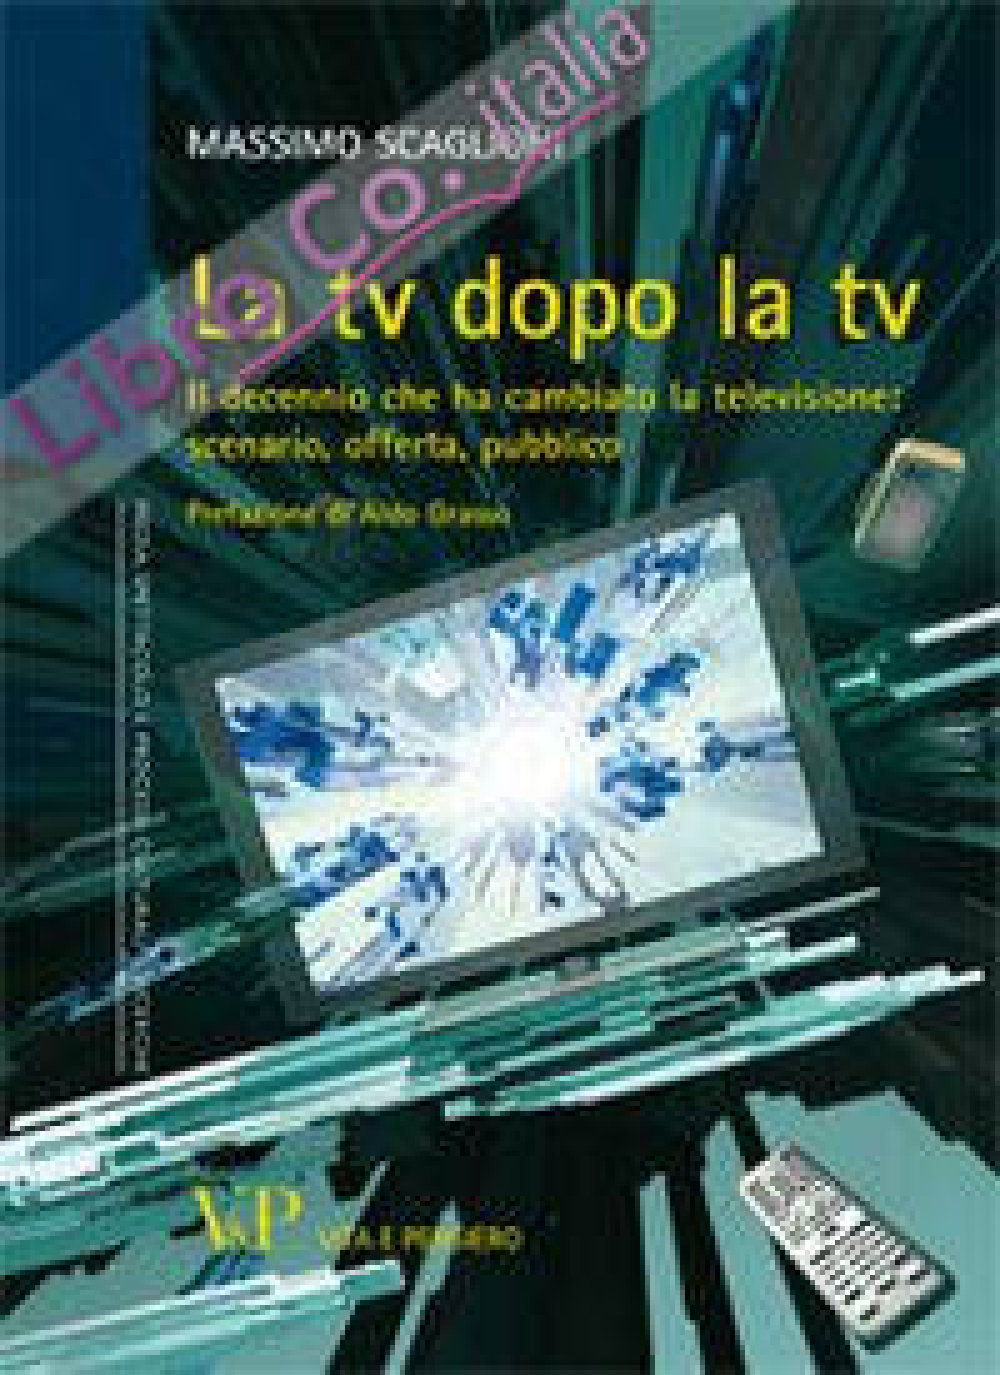 La tv dopo la tv. Il decennio che ha cambiato la televisione: scenario, offerta, pubblico.